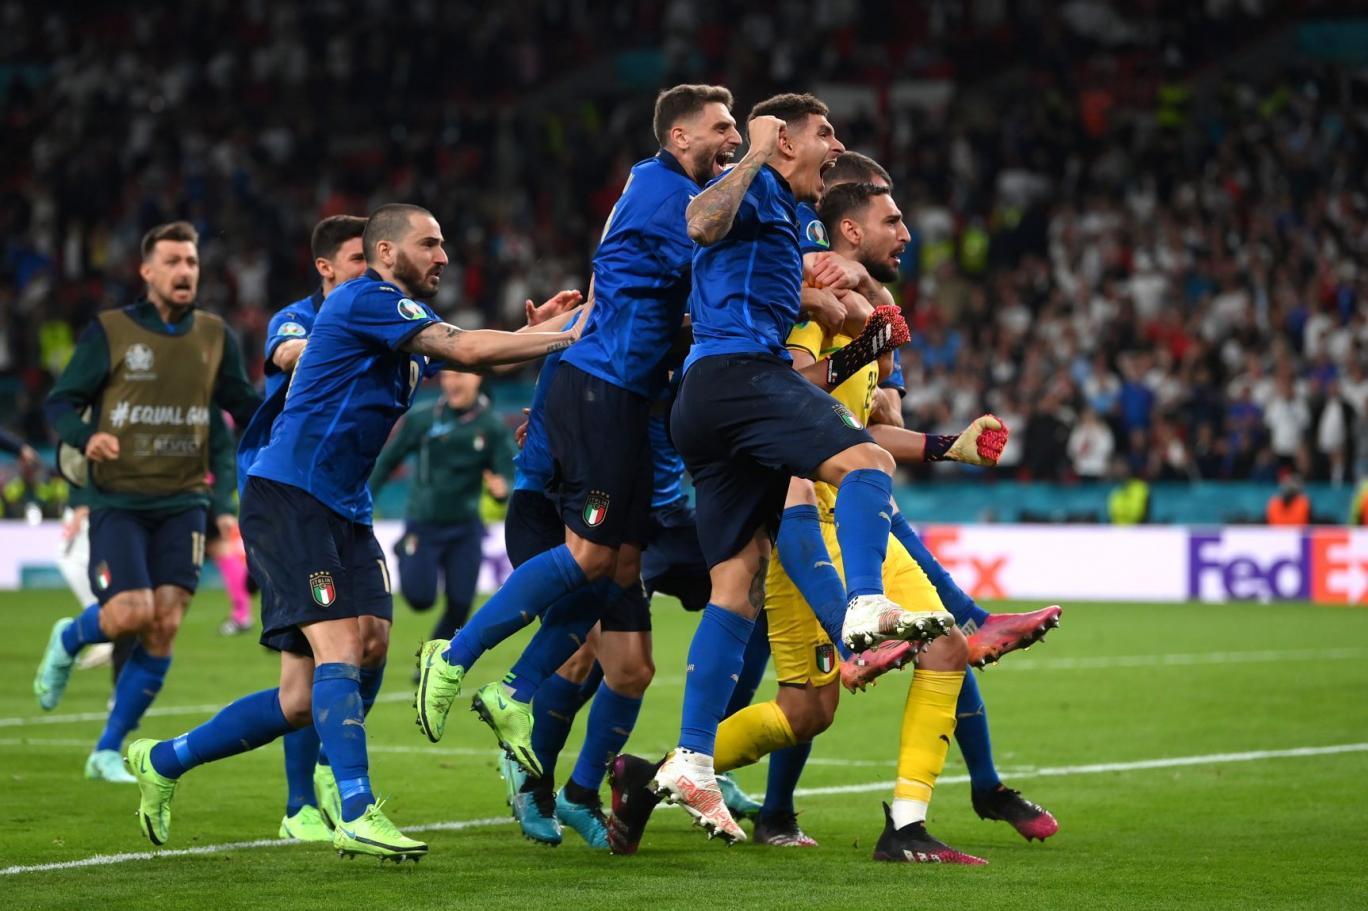 فرحة لاعبي المنتخب الإيطالي بإحراز يورو 2020 (رويترز).jpg